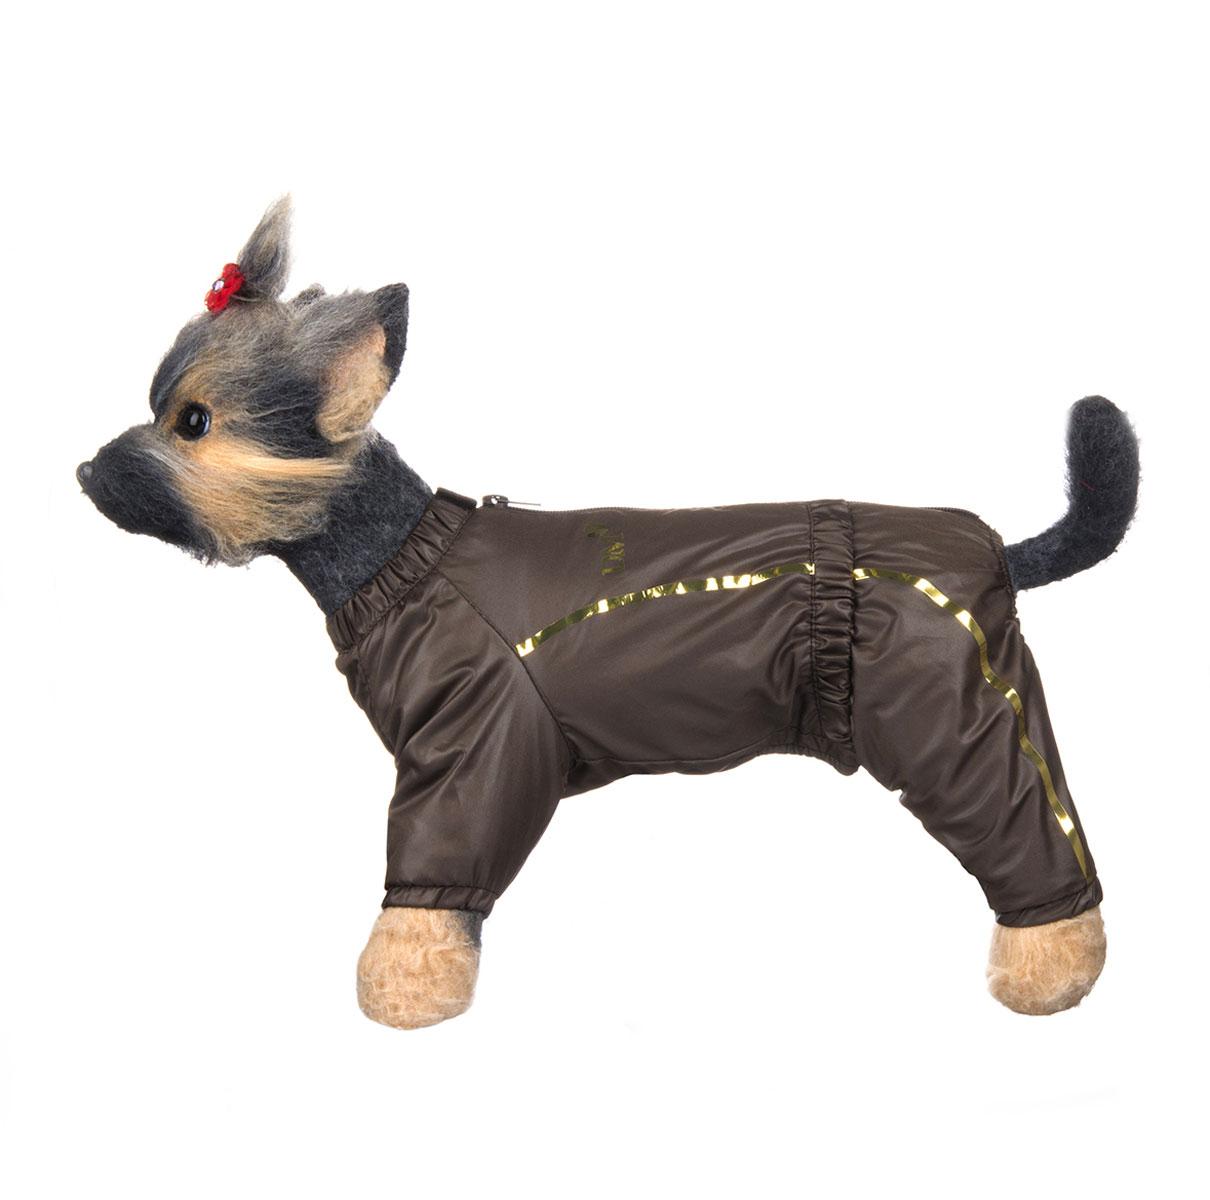 Комбинезон для собак Dogmoda Альпы, для мальчика, цвет: коричневый. Размер 3 (L)DM-150330-3Комбинезон для собак Dogmoda Альпы отлично подойдет для прогулок поздней осенью или ранней весной. Комбинезон изготовлен из полиэстера, защищающего от ветра и осадков, с подкладкой из флиса, которая сохранит тепло и обеспечит отличный воздухообмен. Комбинезон застегивается на молнию и липучку, благодаря чему его легко надевать и снимать. Ворот, низ рукавов и брючин оснащены внутренними резинками, которые мягко обхватывают шею и лапки, не позволяя просачиваться холодному воздуху. На пояснице имеется внутренняя резинка. Изделие декорировано золотистыми полосками и надписью DM. Благодаря такому комбинезону простуда не грозит вашему питомцу и он не даст любимцу продрогнуть на прогулке.